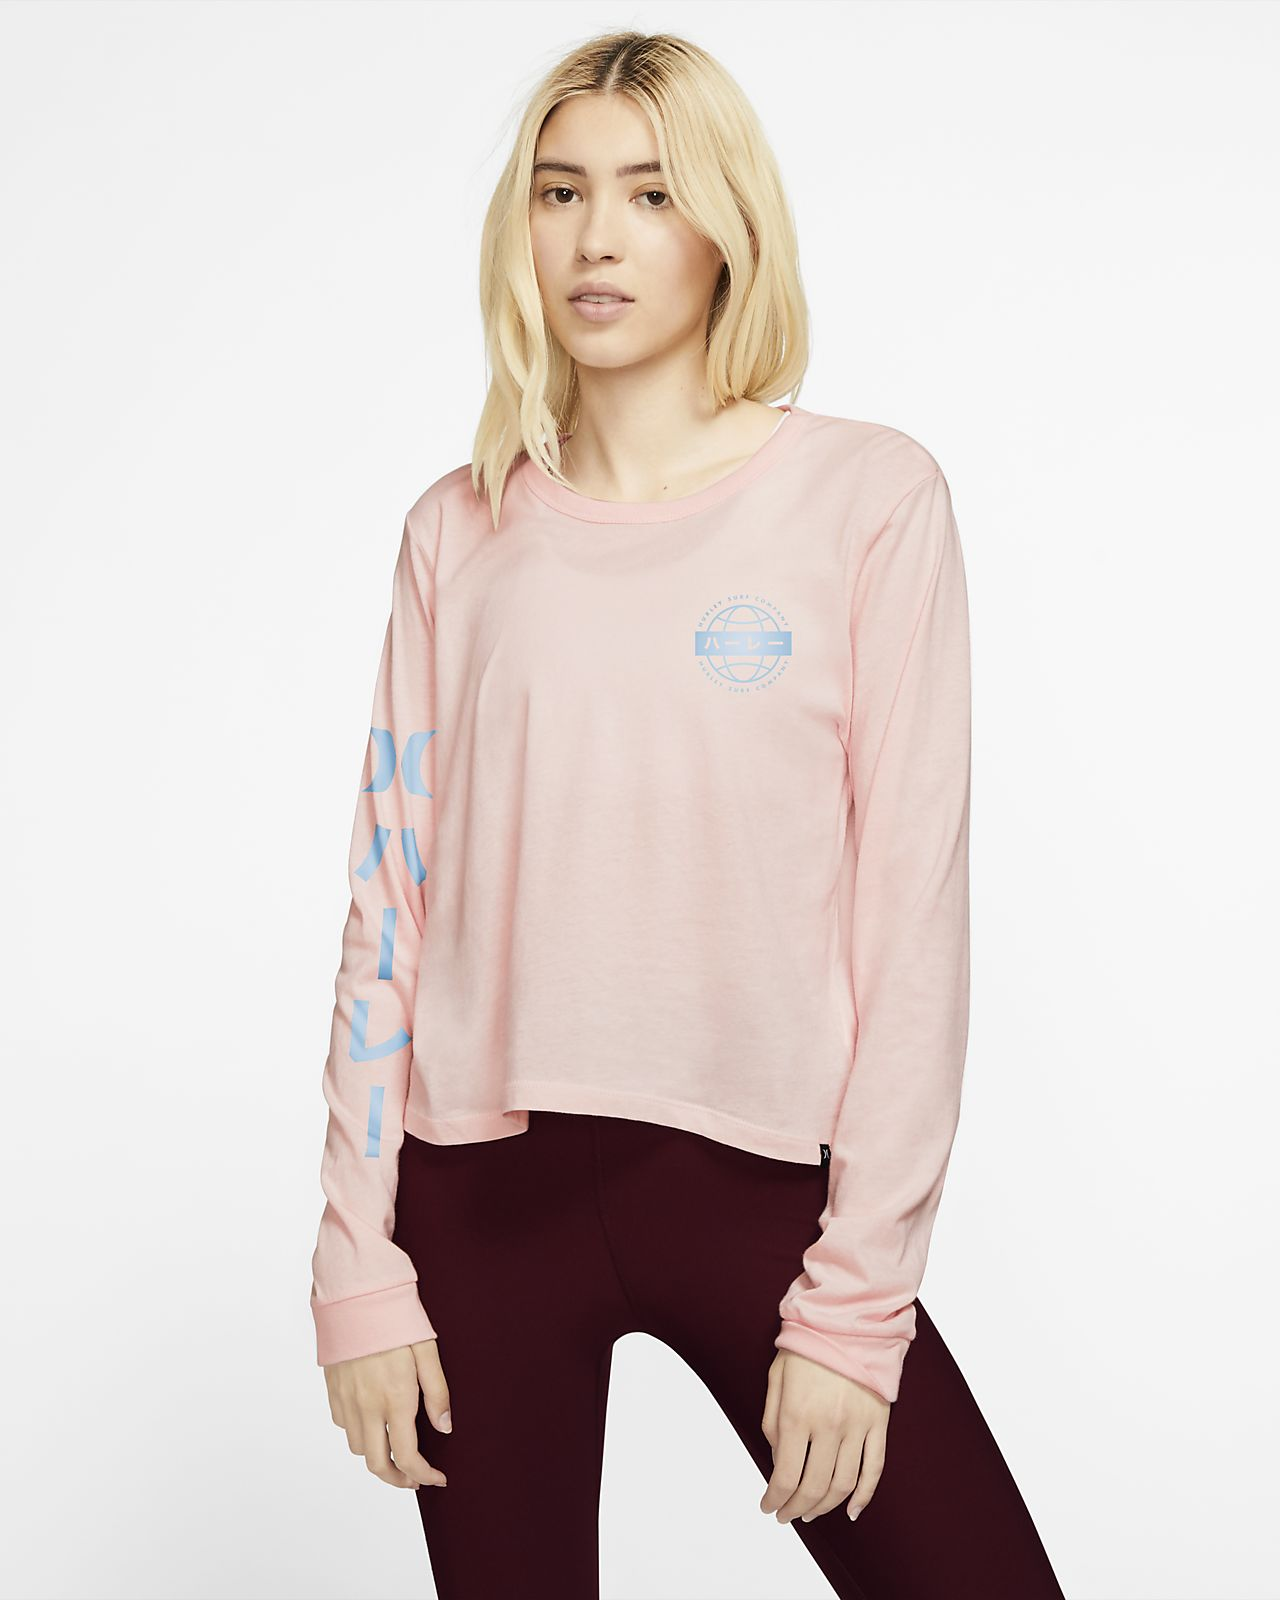 Dámské tričko Hurley Global Perfect s dlouhým rukávem